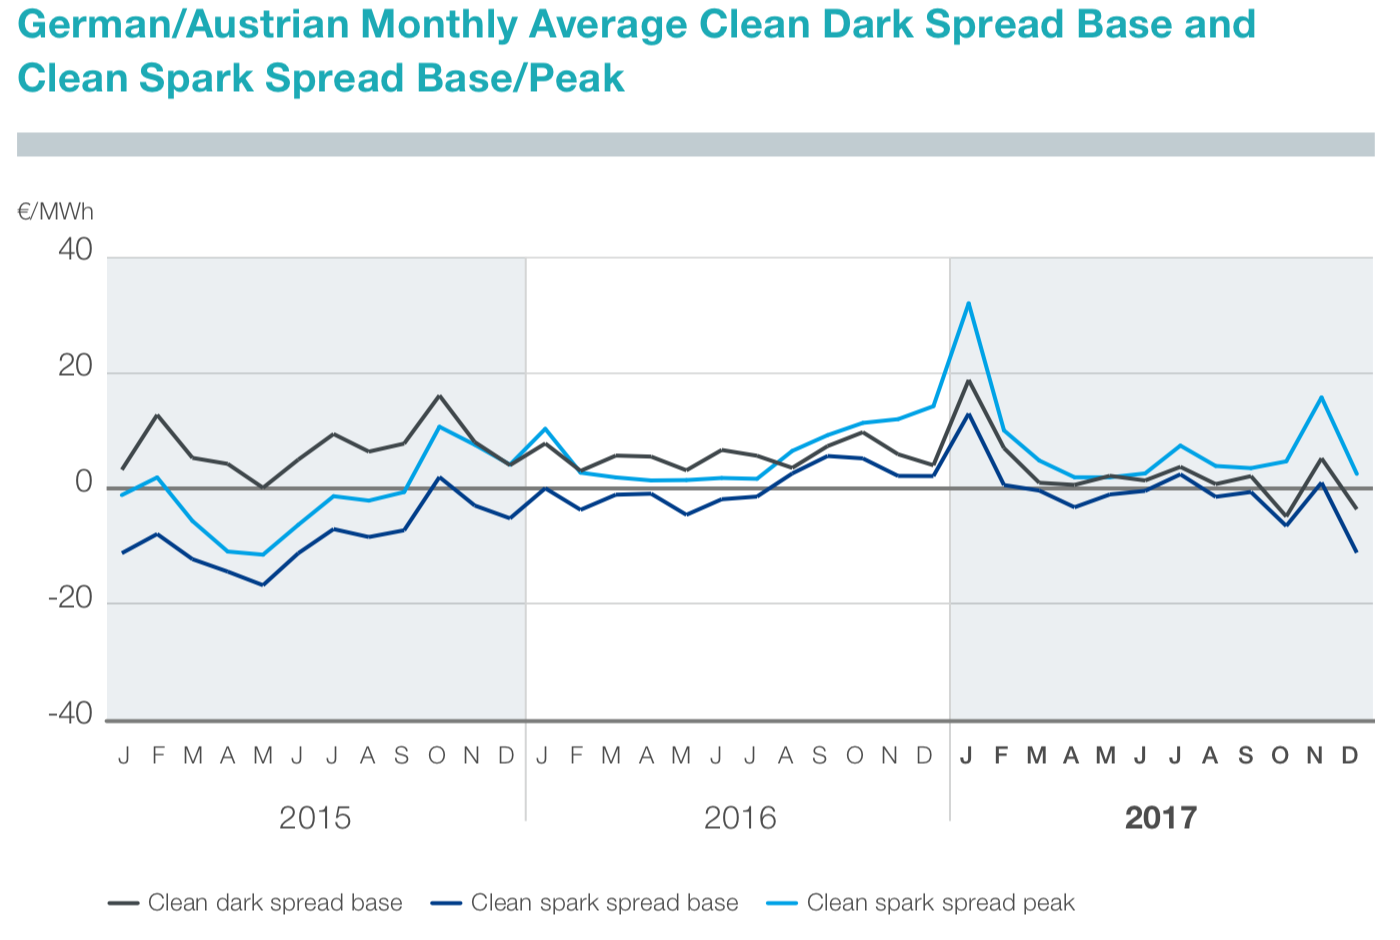 Abbildung 5: Monatsdurchschnittliche Clean-Dark-Spread-Basis und Clean-Funke-Spread-Basis/Peak in Deutschland/Österreich (Tennet 2018)